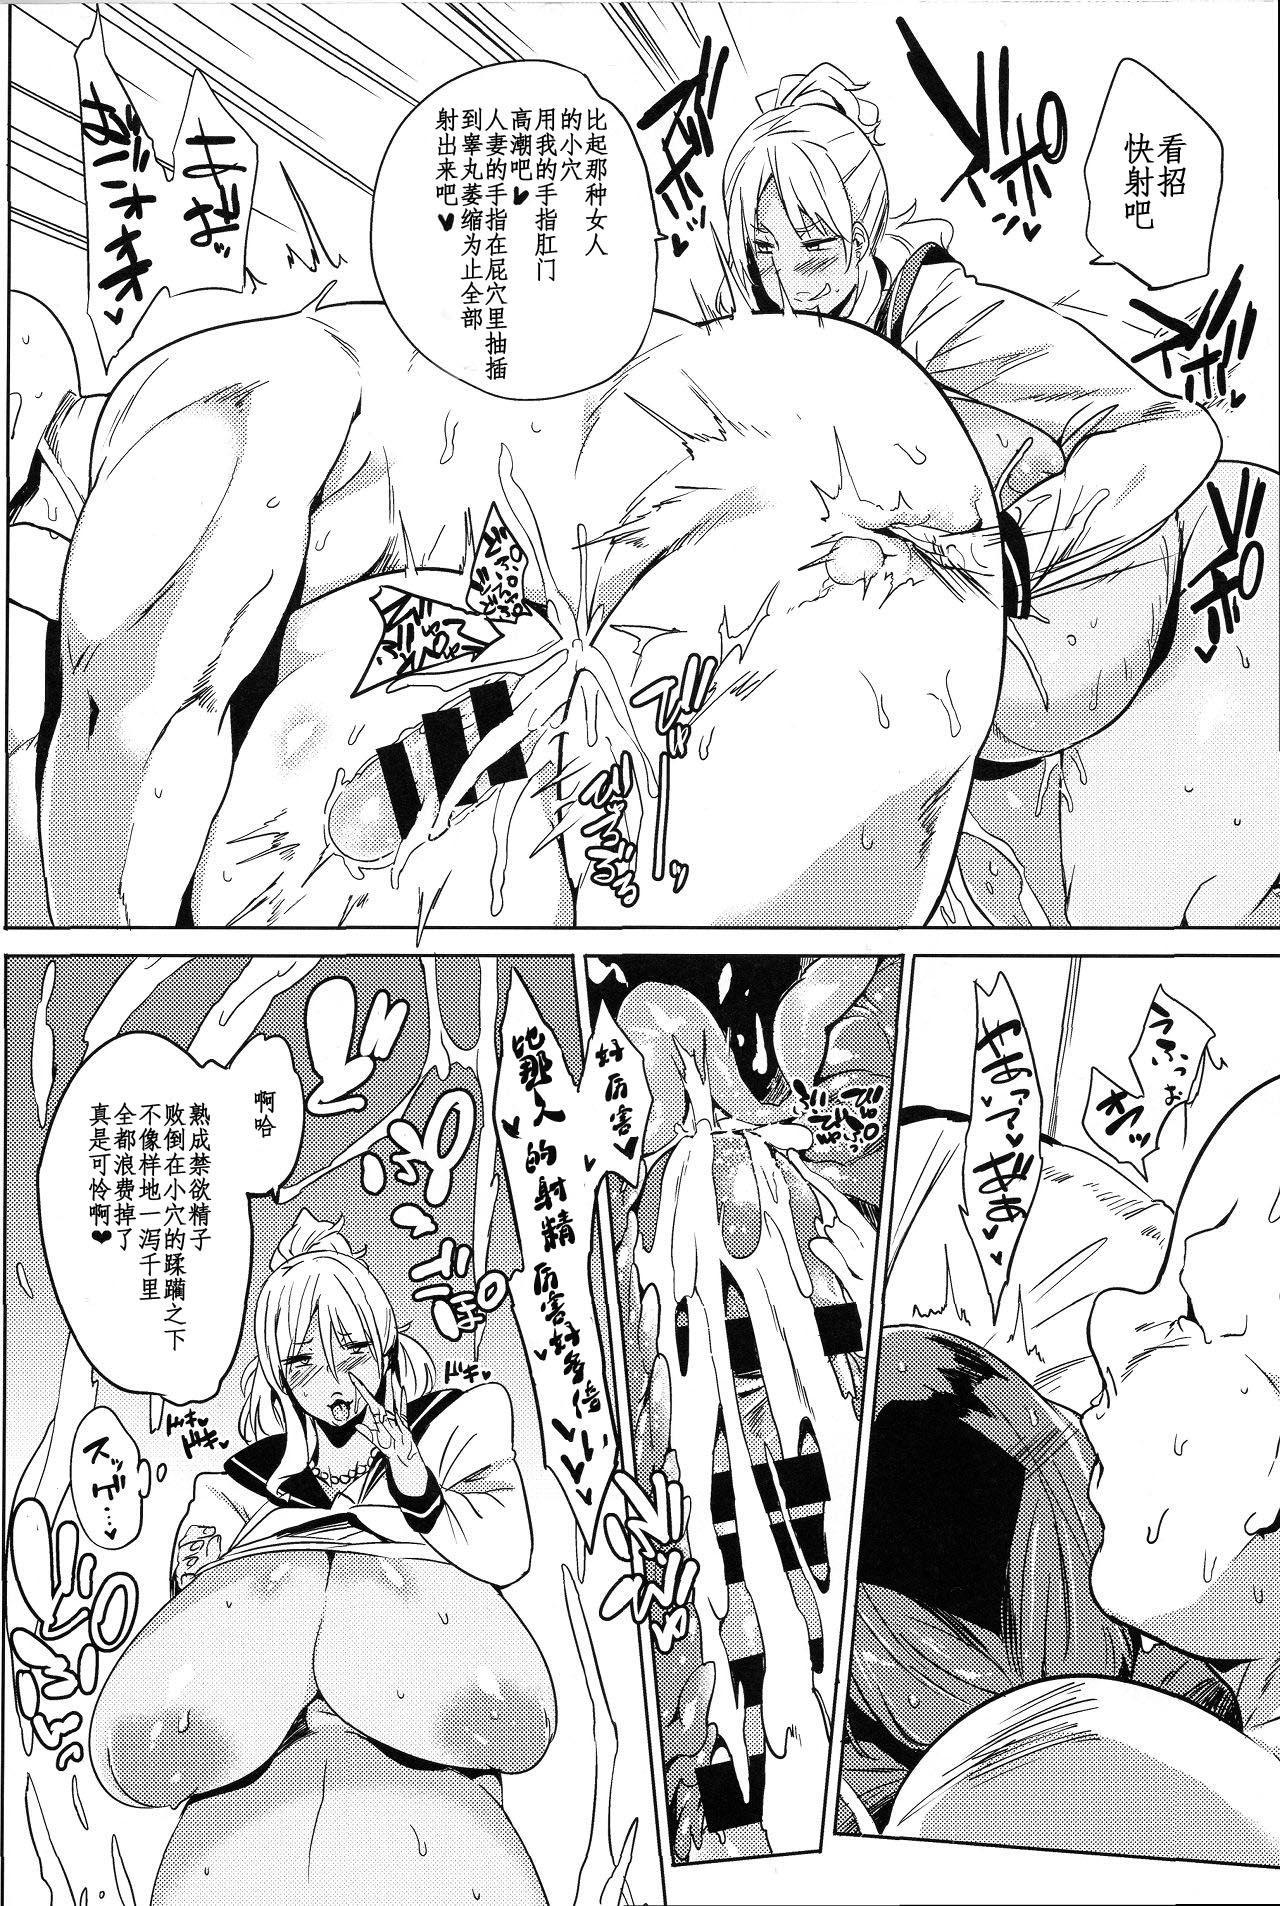 Joshi Chuuzetsusei 15